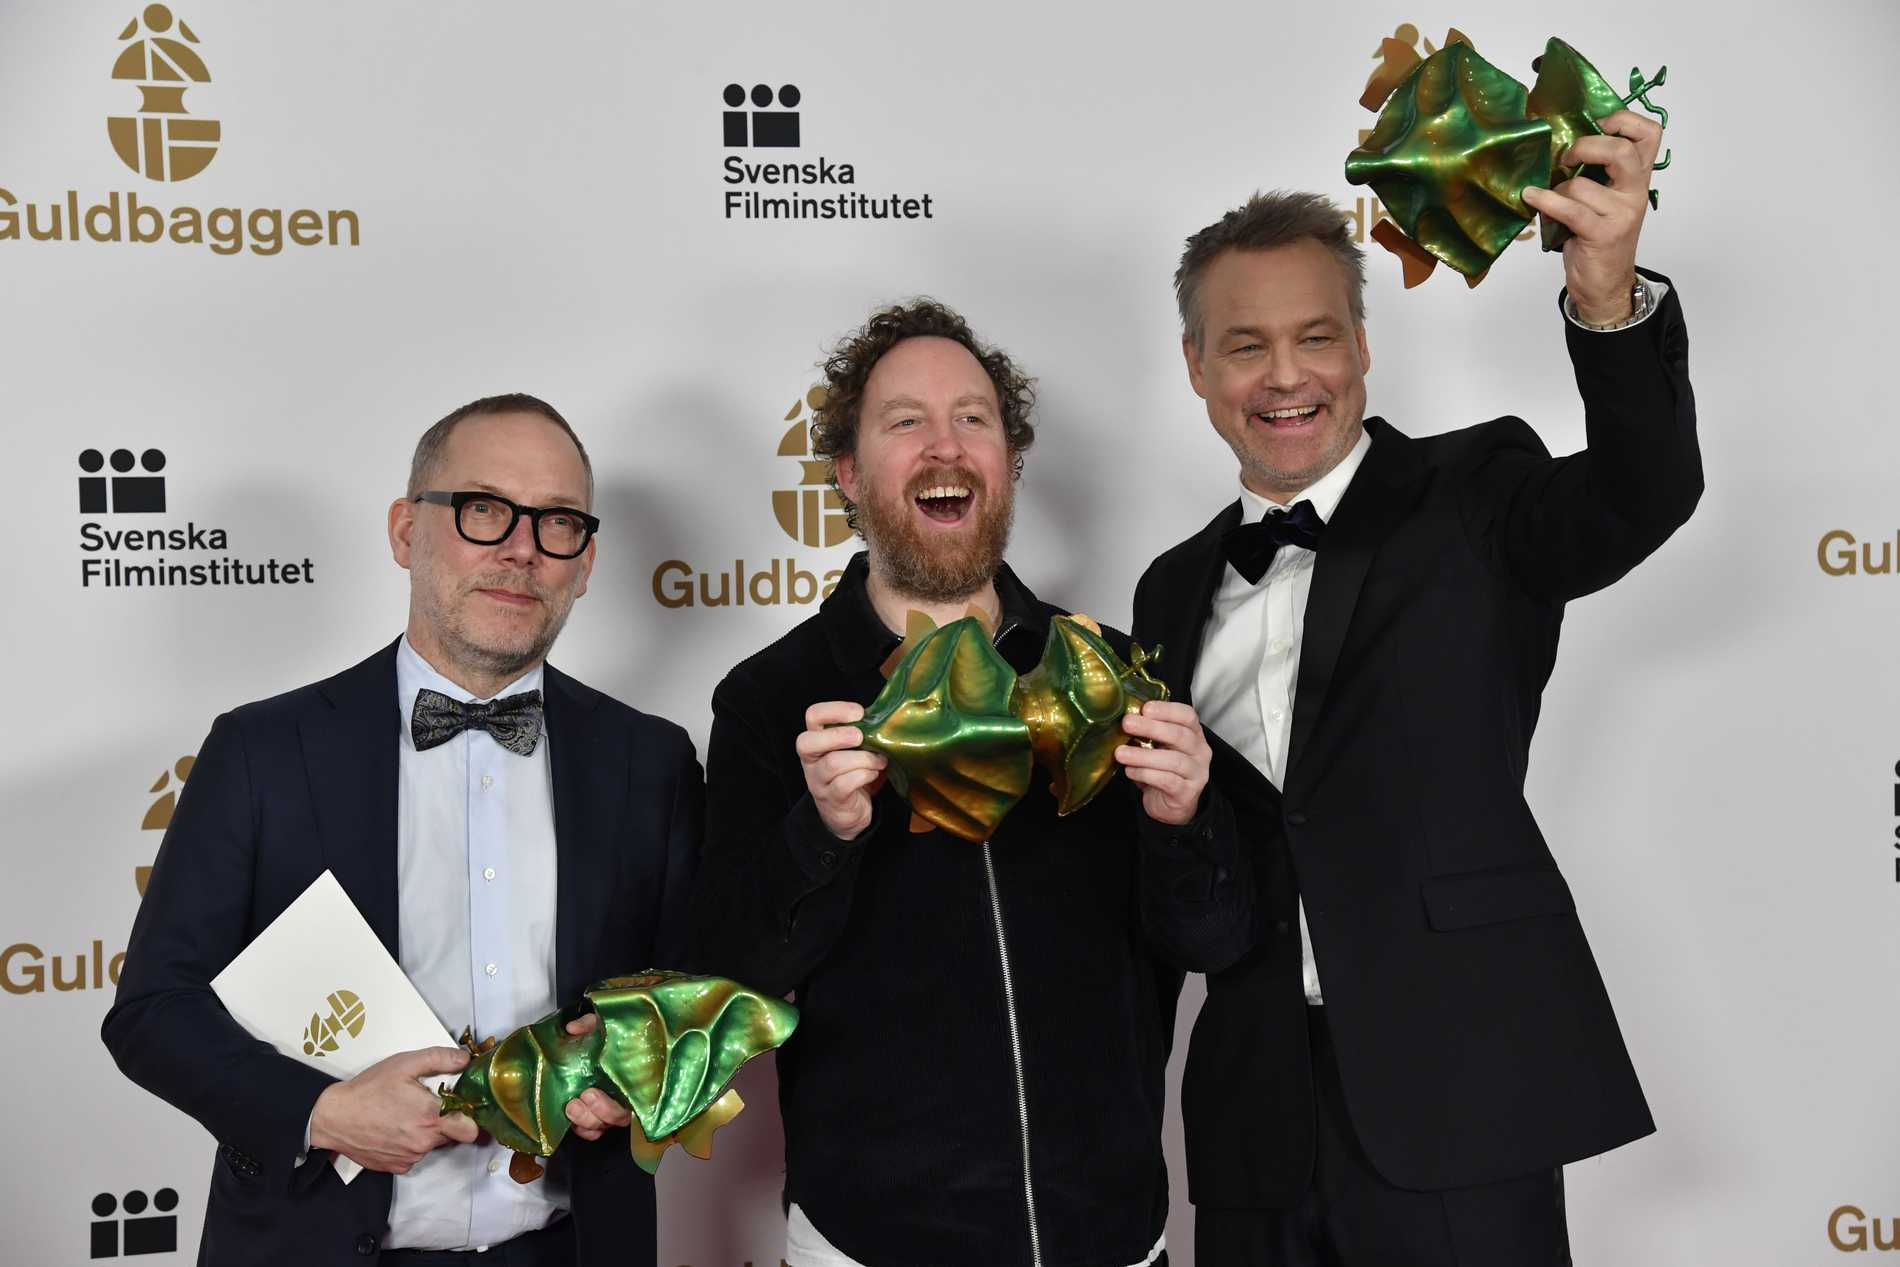 Producenten Tomas Michaelsson, Uje Brandelius och Henrik Schyffert vann bästa film för Spring Uje spring.